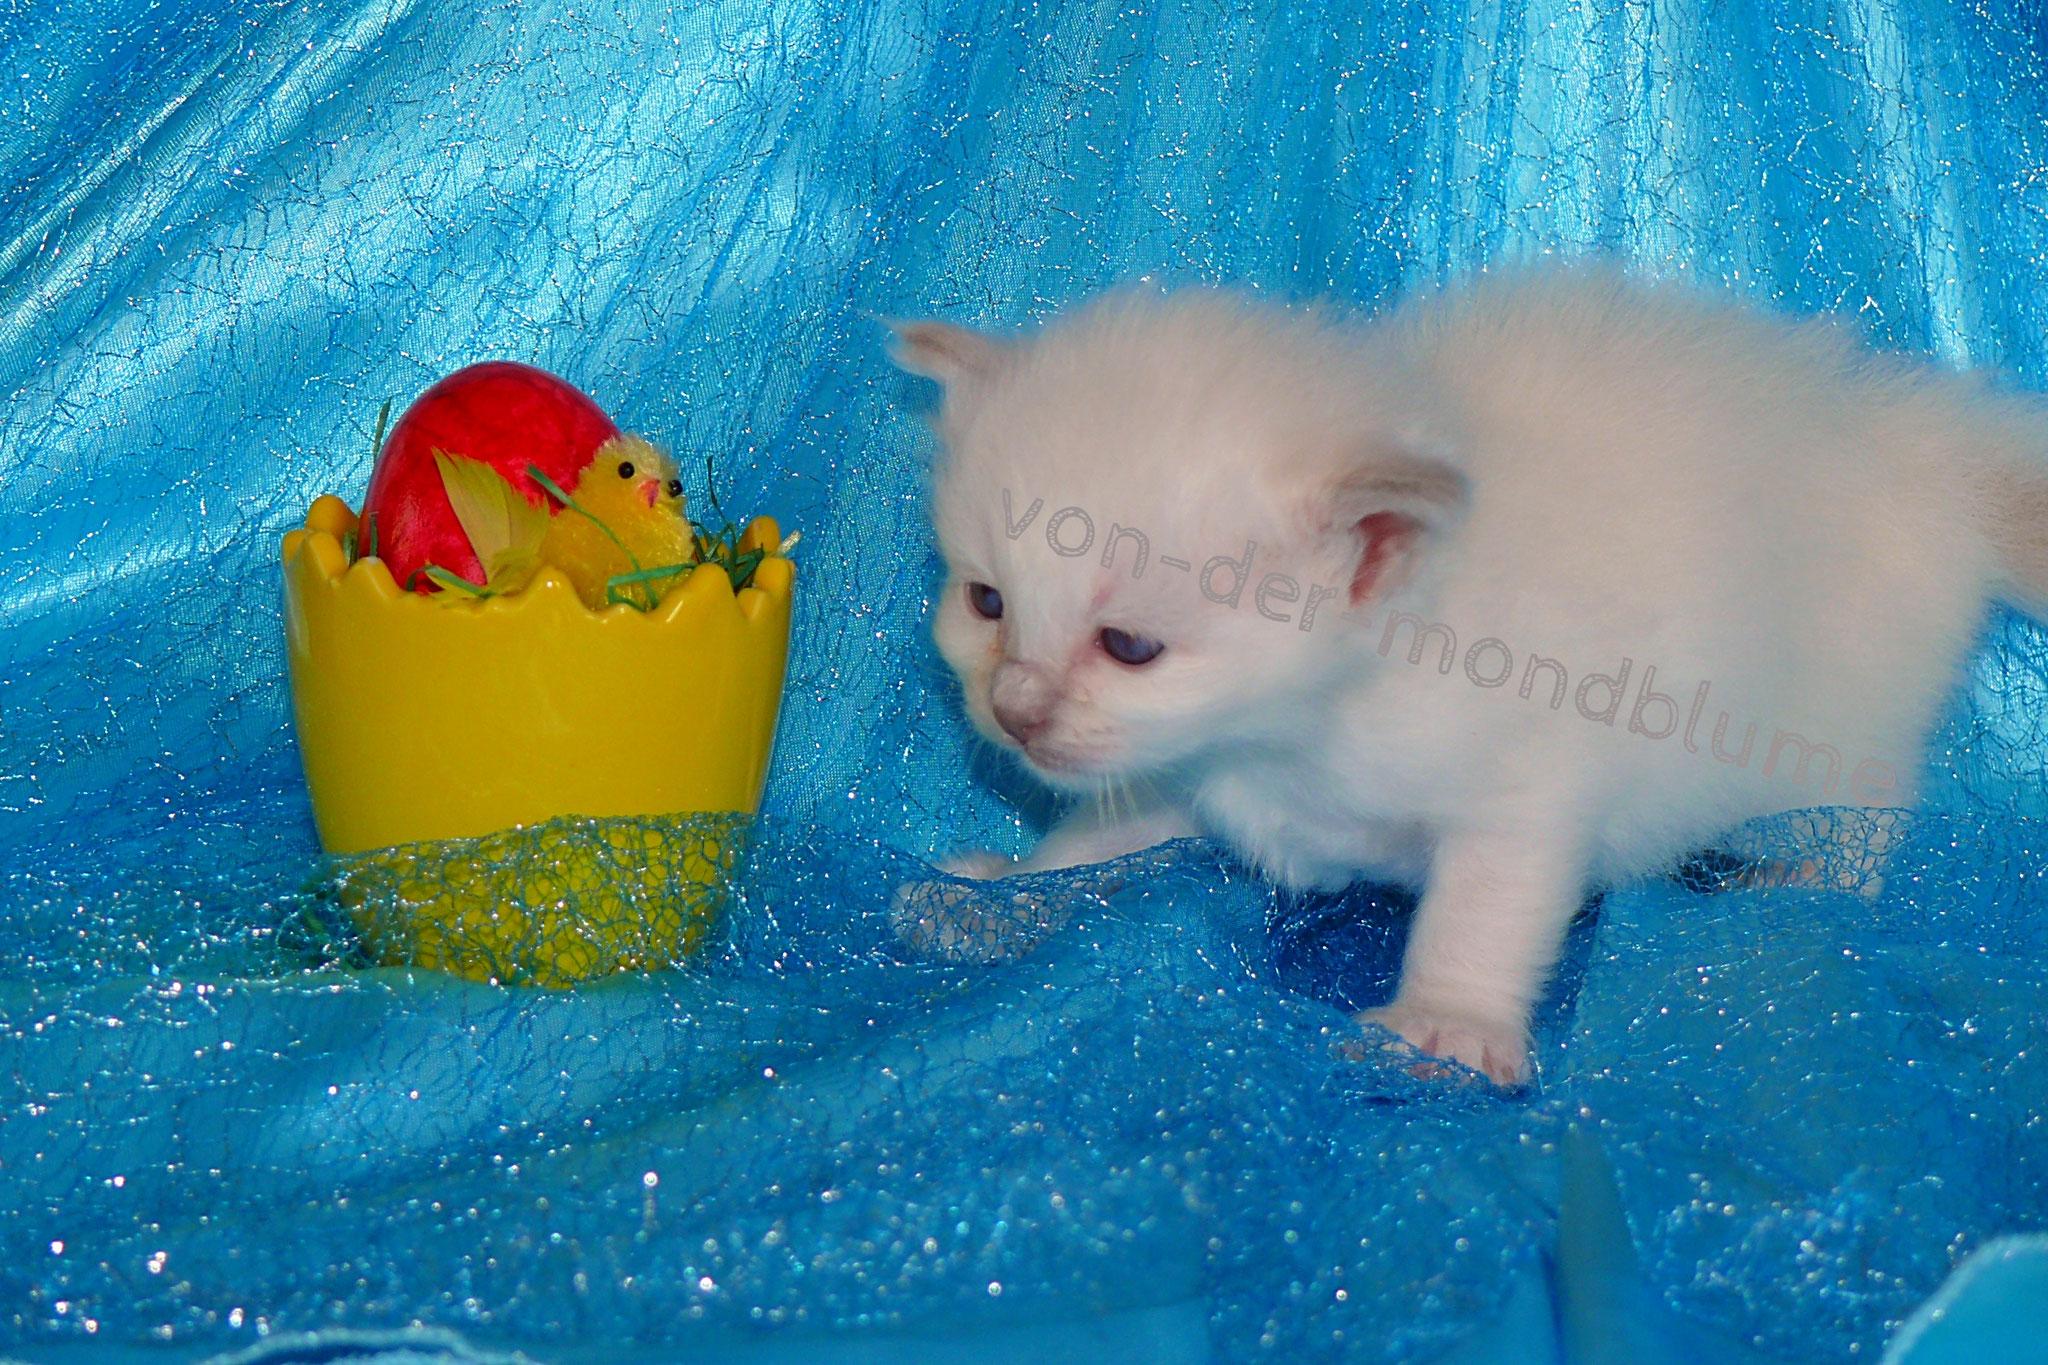 Cataleya von der Mondblume, 3 Wochen alt